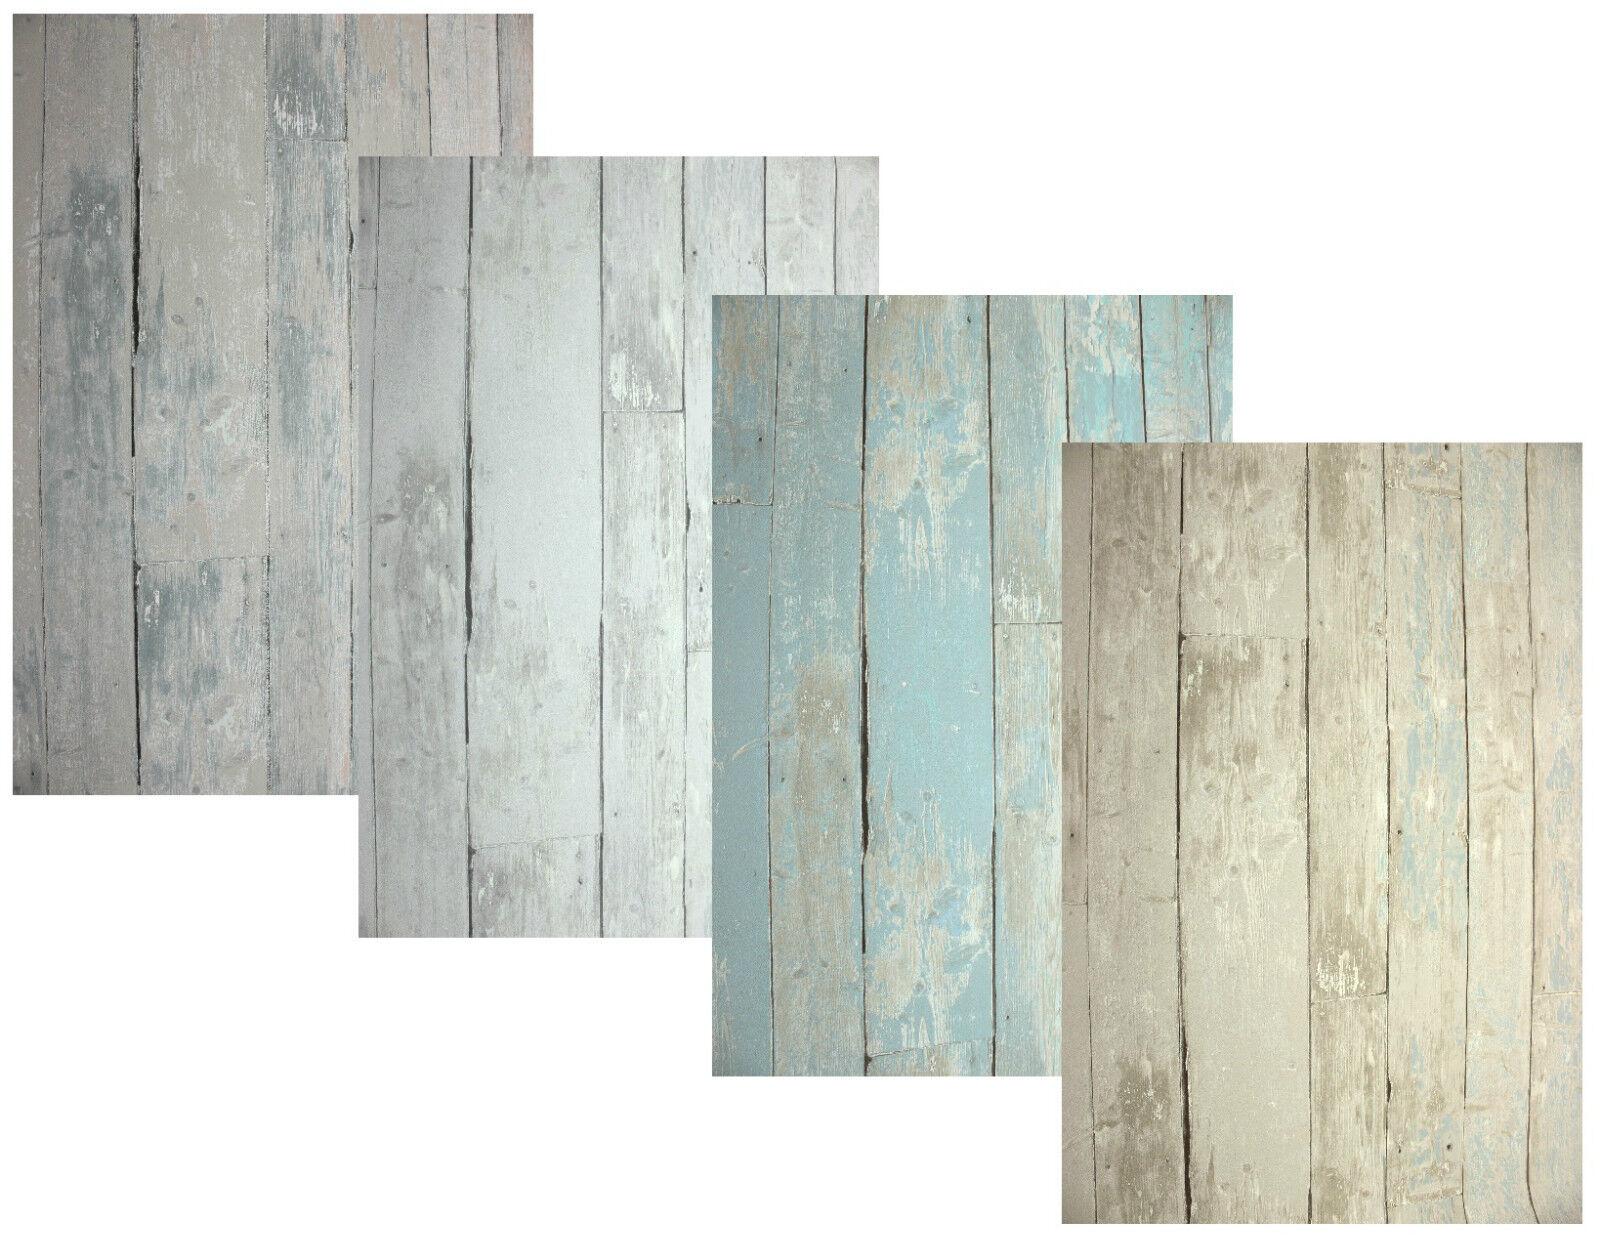 Vlies Tapete Antik Holz rustikal grau beige toop blau türkis bretter ...